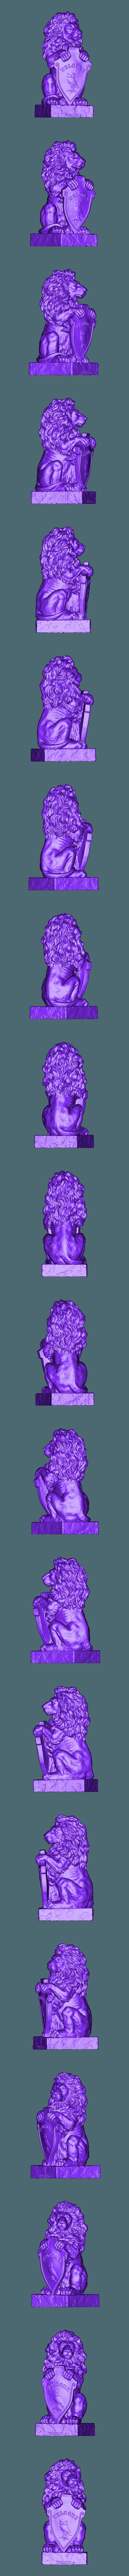 175.stl Télécharger fichier STL gratuit Bienvenue lion blason sculpture buste de lion • Design à imprimer en 3D, 3DPrinterFiles